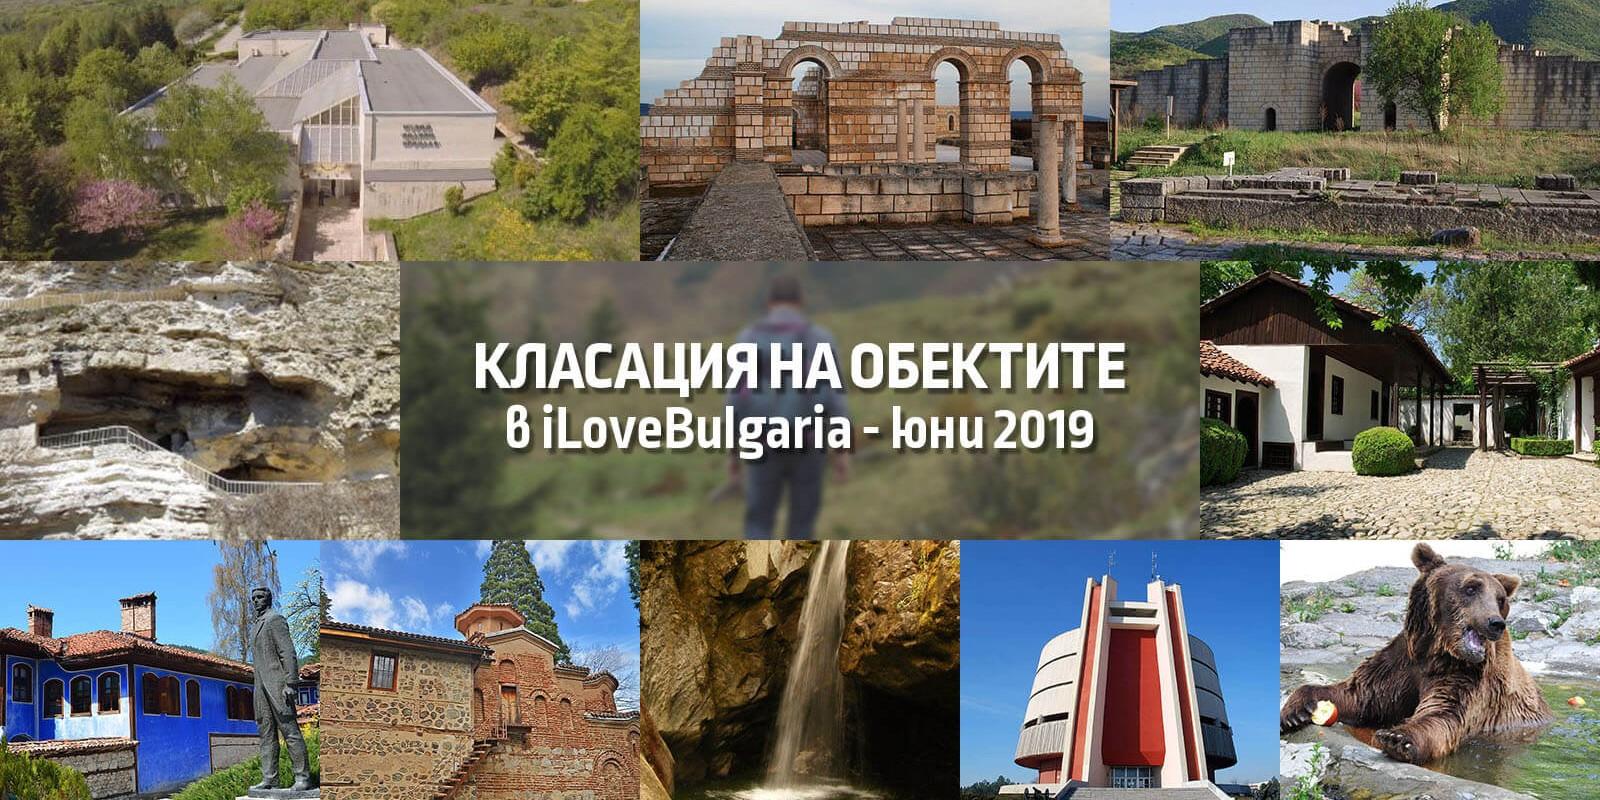 Класация на туристическите обекти за месец юни 2019г.